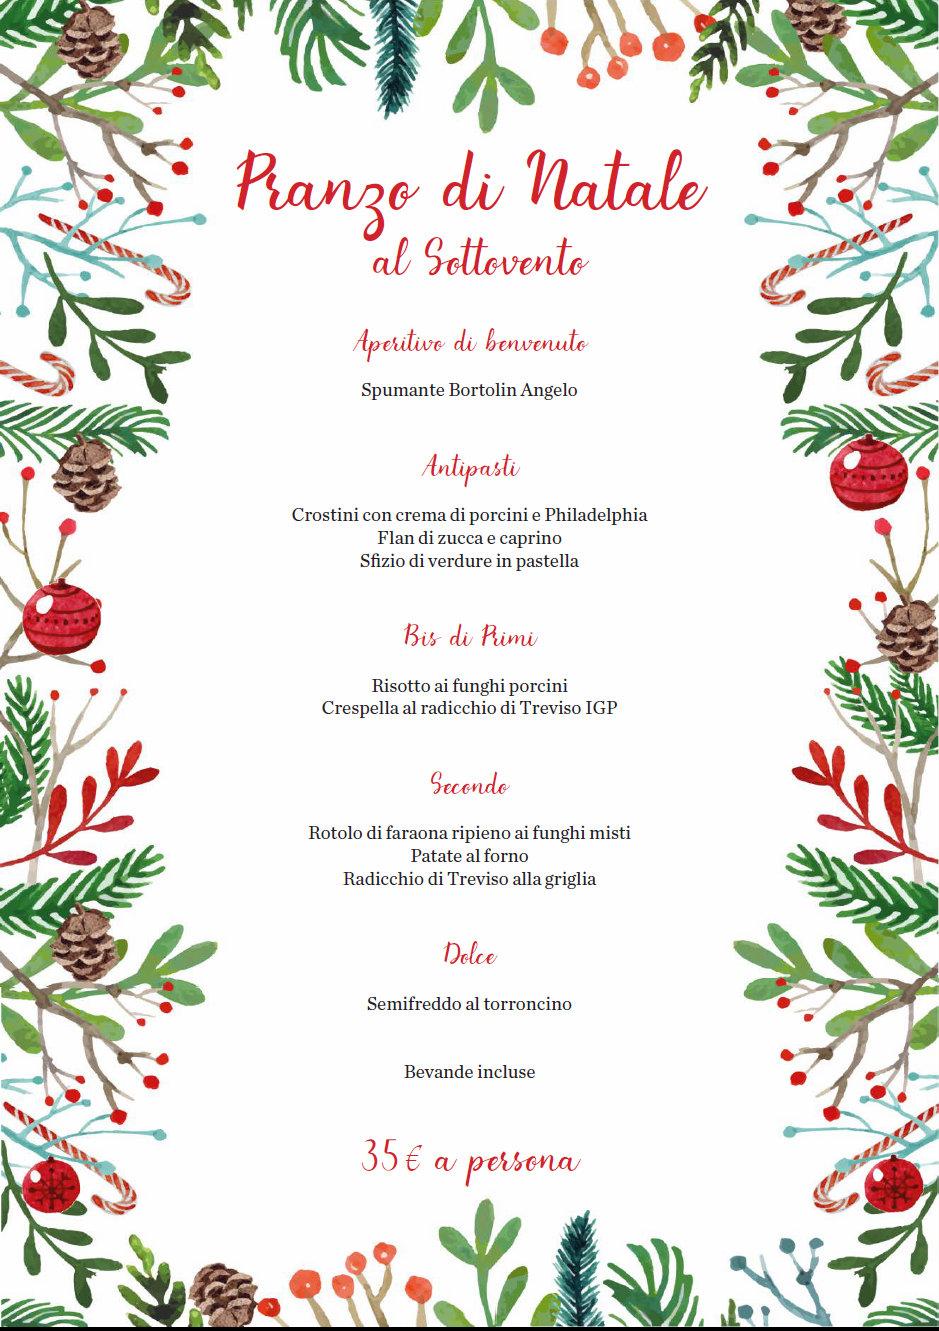 Menu Di Natale Verona.Menu Di Natale 2017 Ristoranti Verona Disegni Di Natale 2019